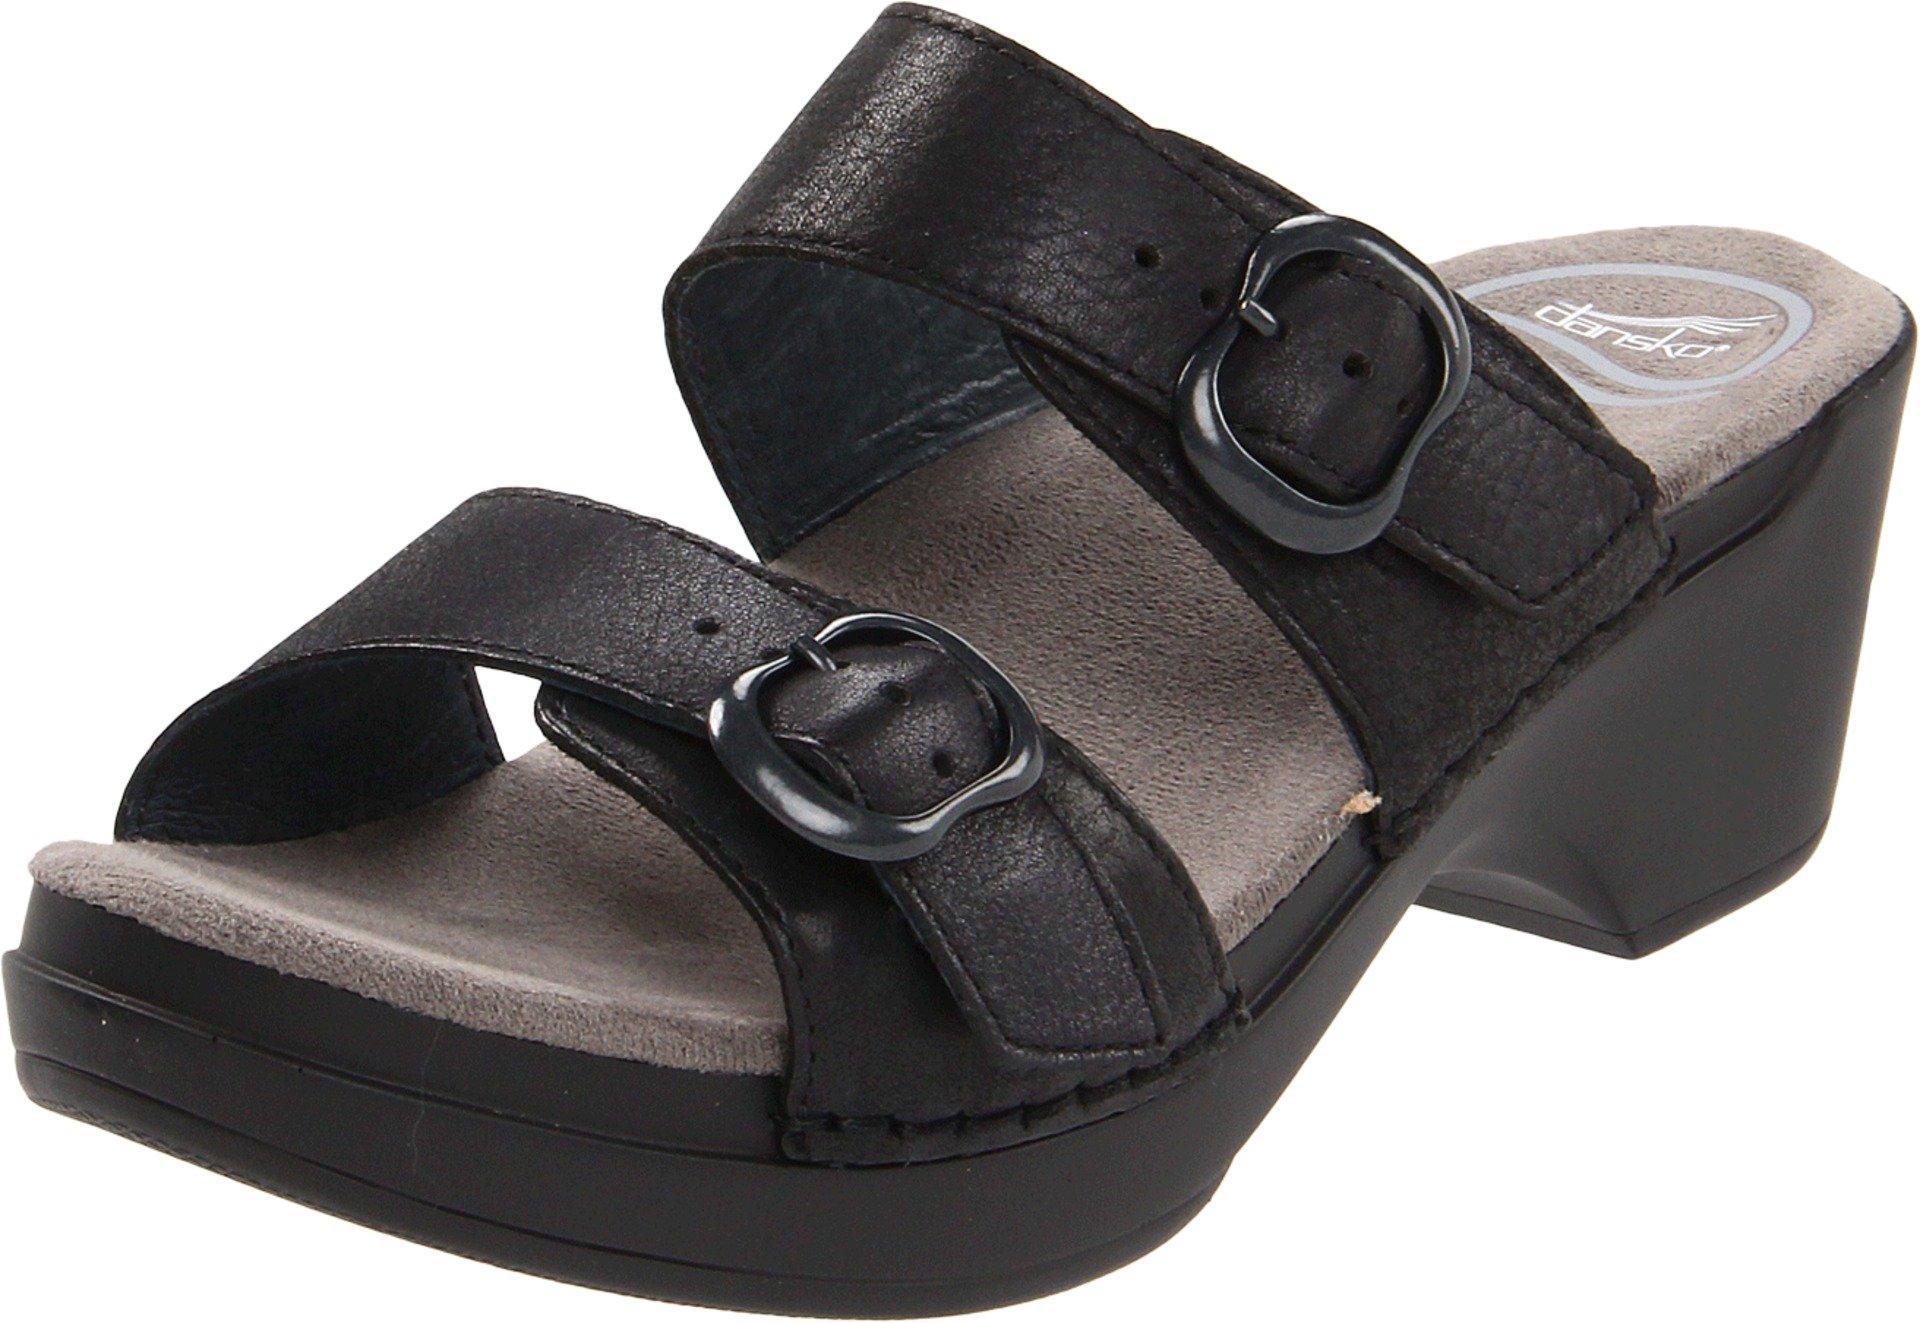 Dansko Women's Sophie Black Soft Full Grain Sandals 37 M